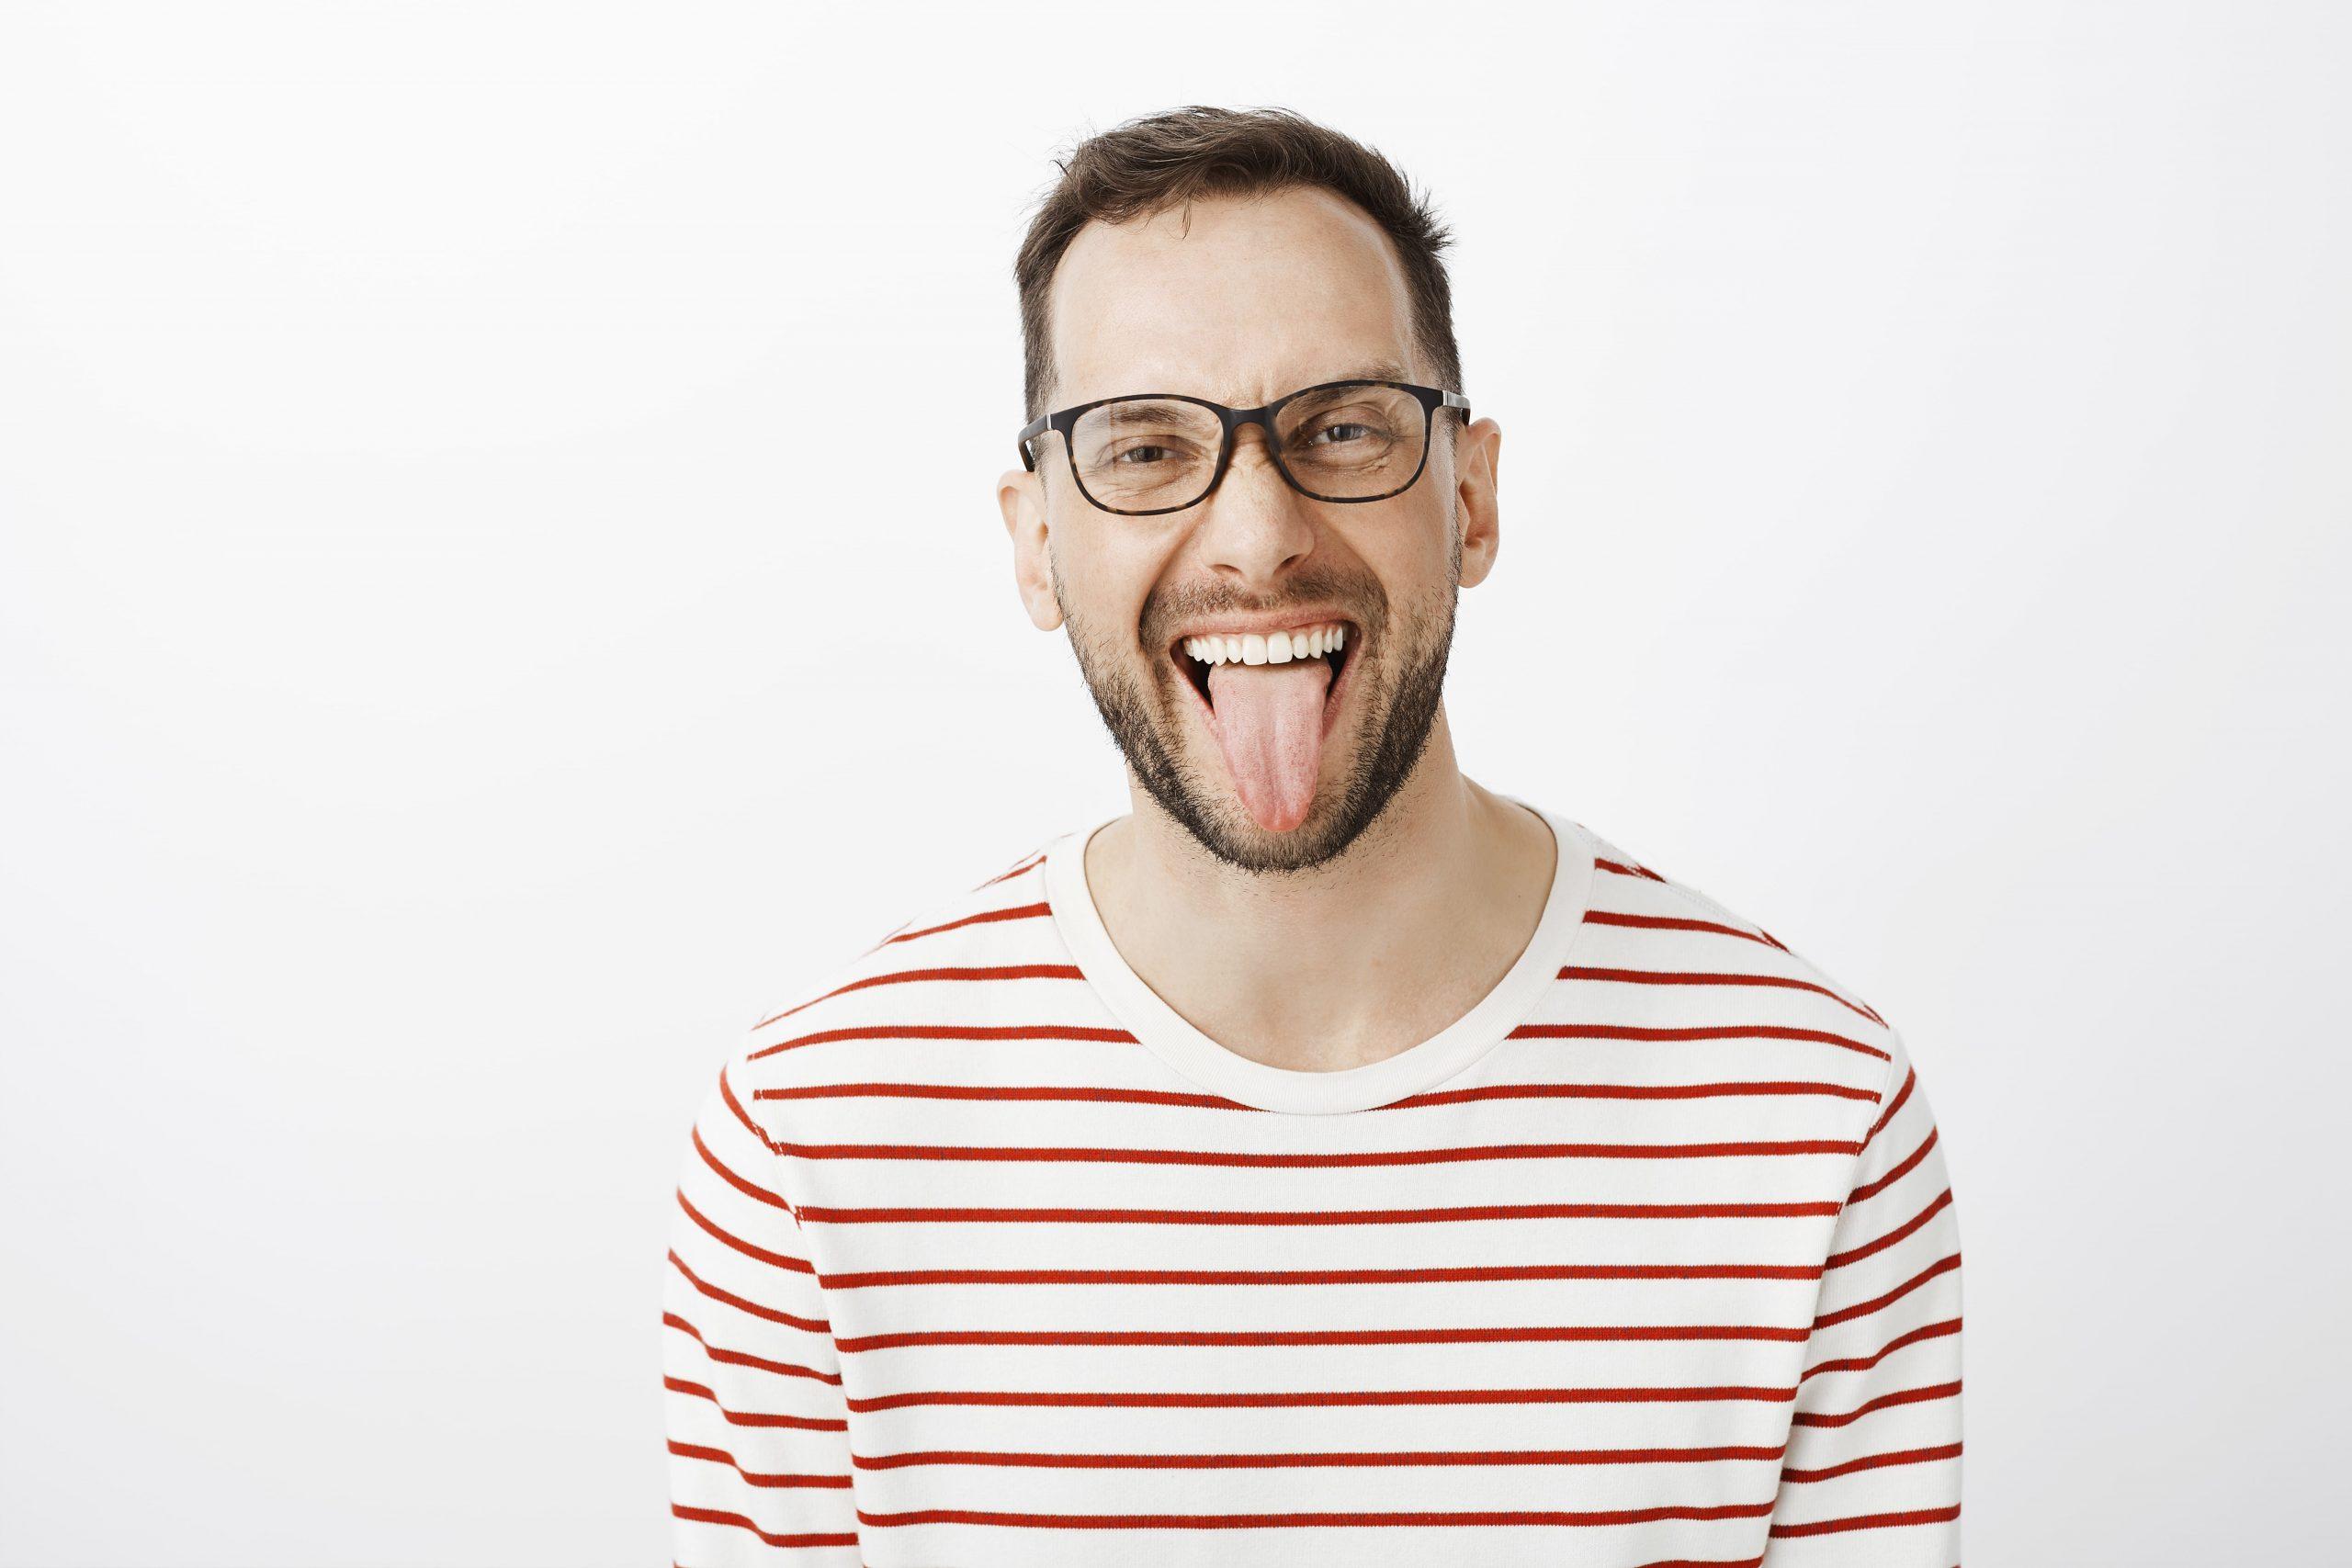 ¿Por qué tengo la lengua amarilla? Principales causas y cómo solucionarlo